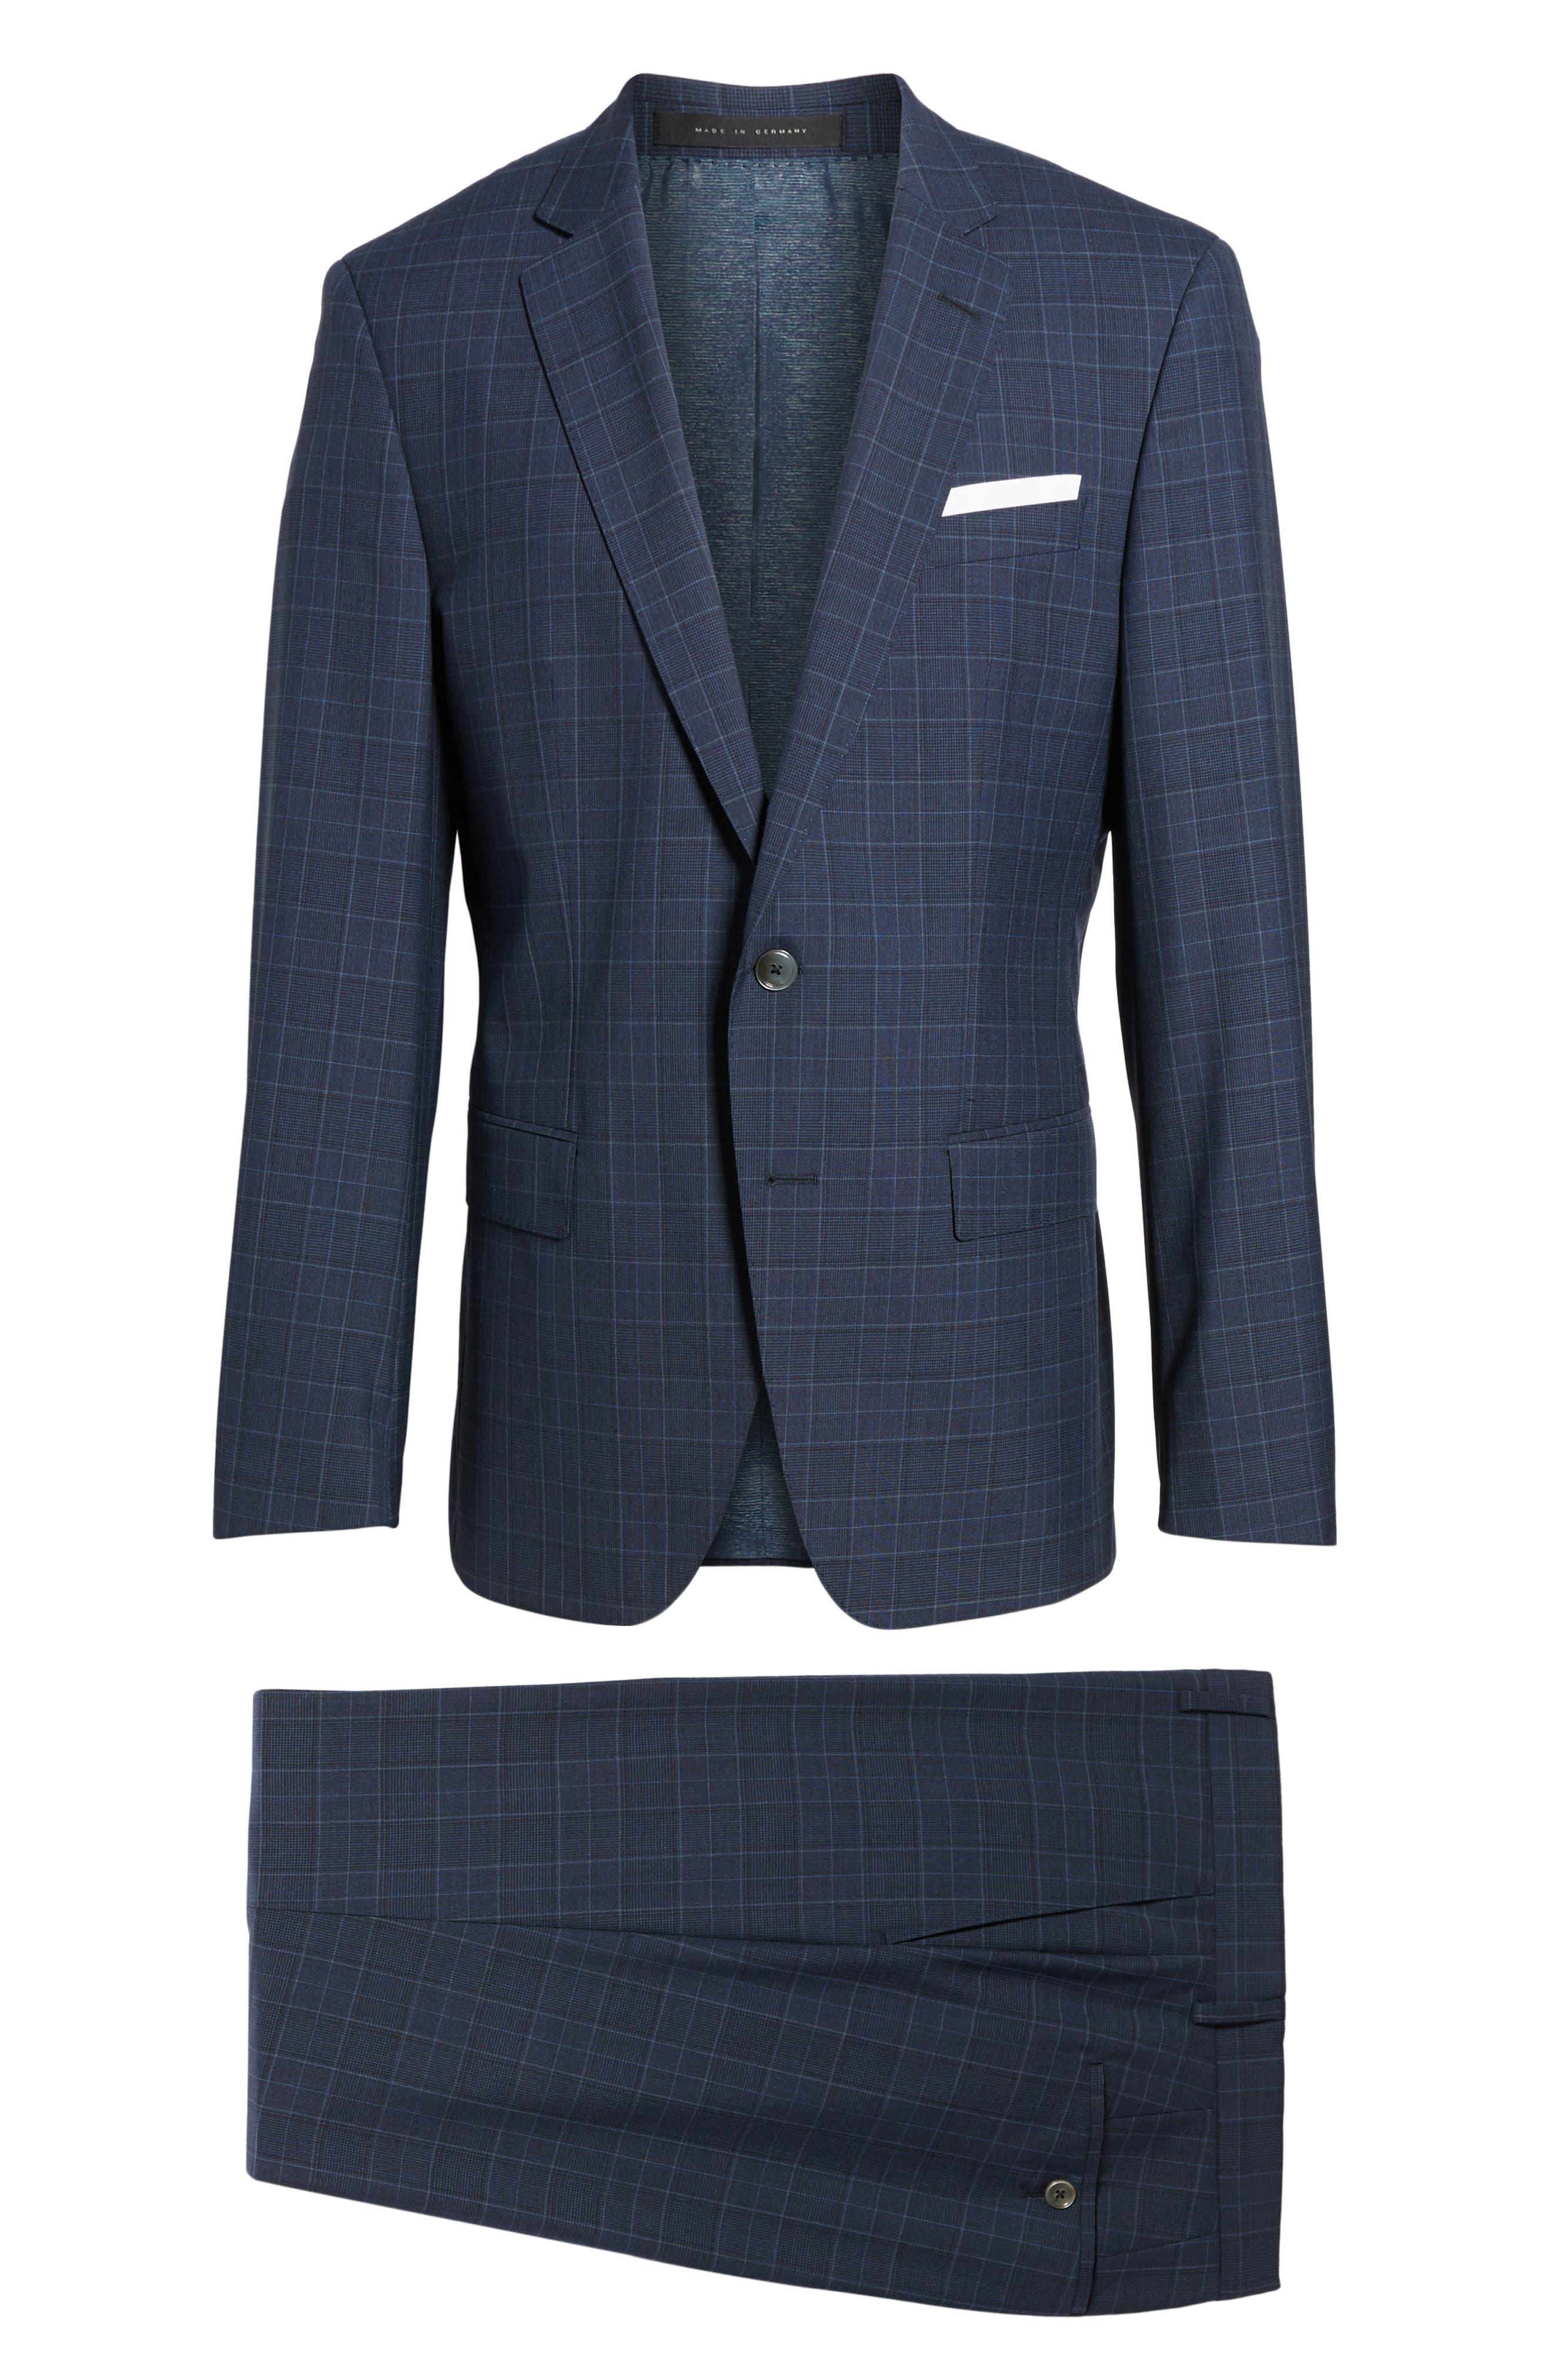 Hutson/Gander Trim Fit Plaid Wool Suit,                             Alternate thumbnail 8, color,                             Navy